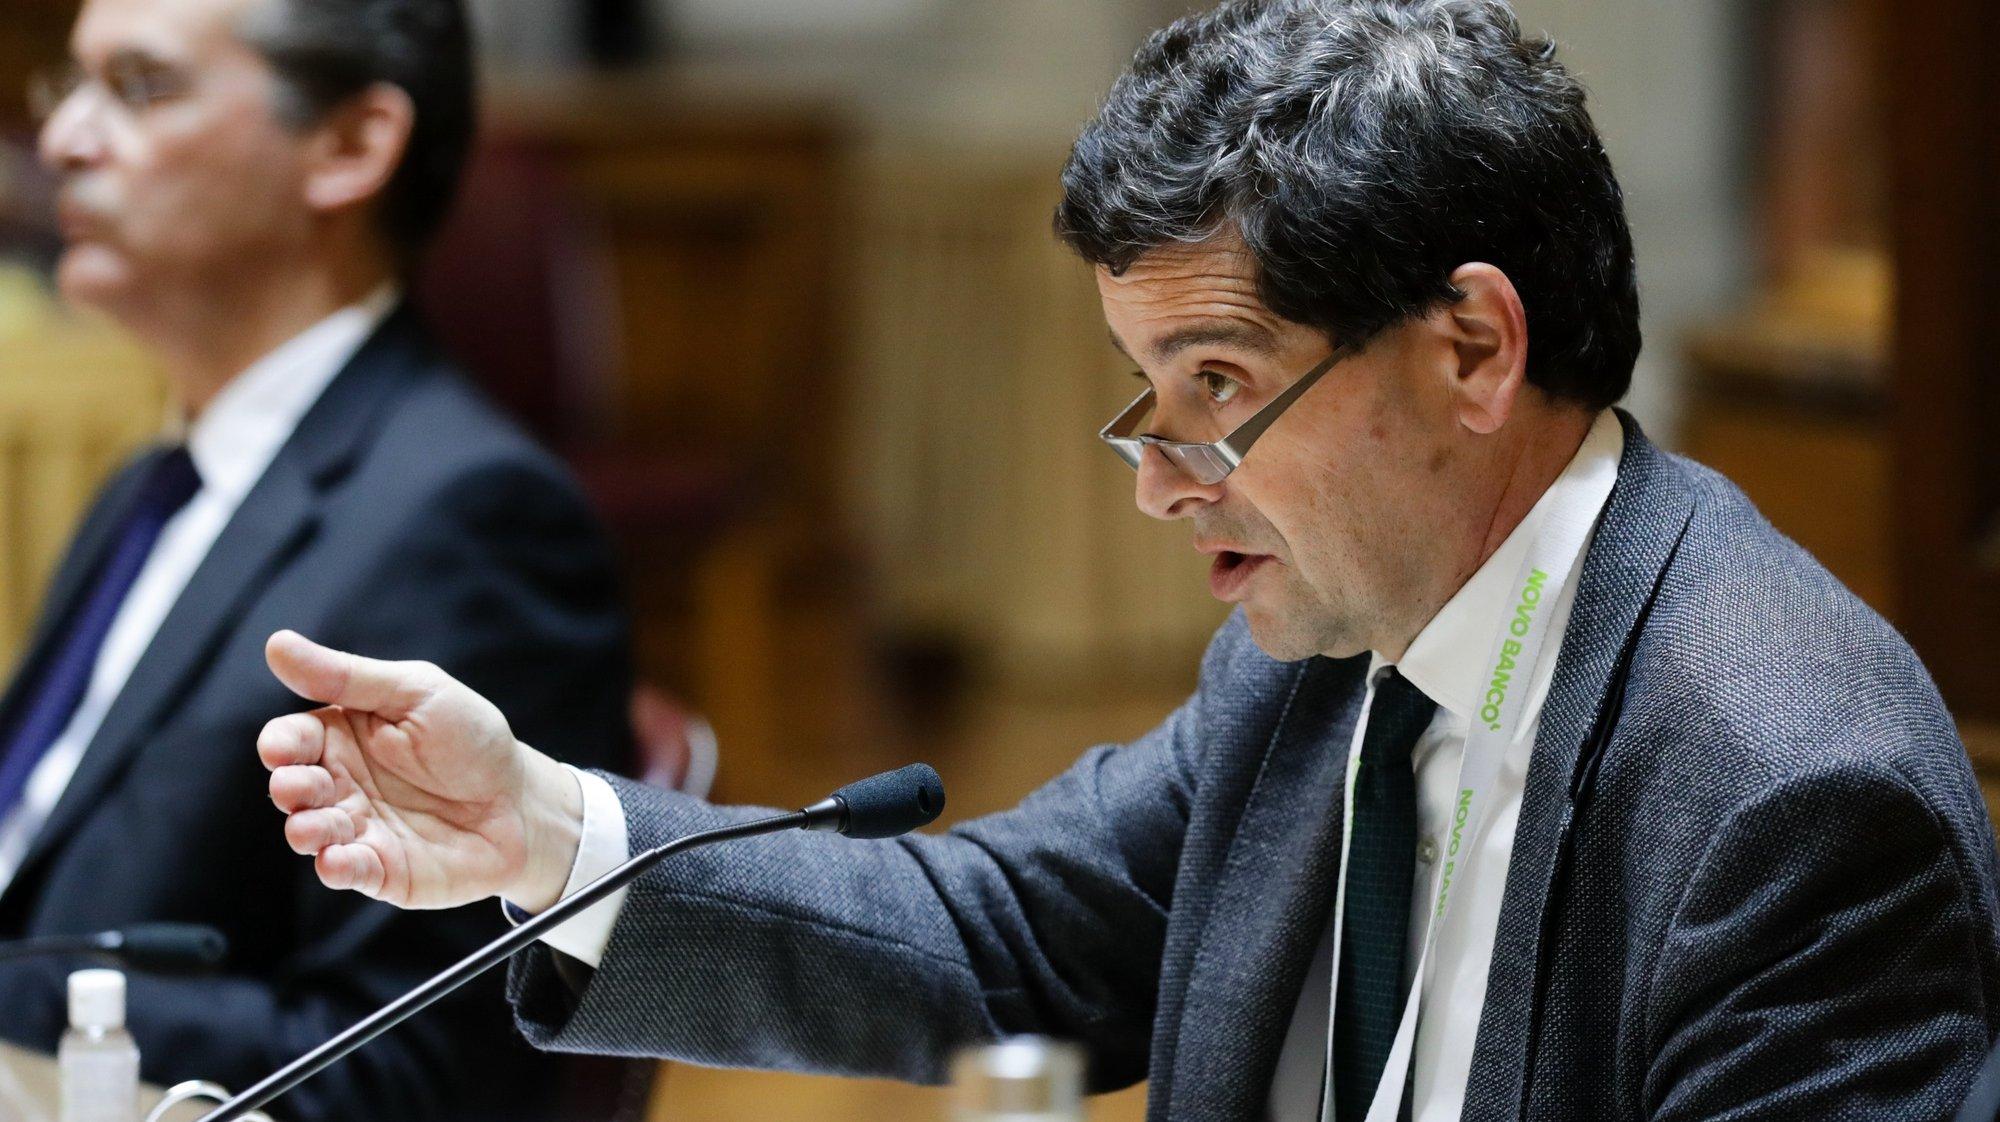 O presidente do Conselho de Administração Executivo do Novo Banco, António Ramalho, fala durante a sua audição perante a Comissão de Economia, Inovação, Obras Públicas e Habitação na Assembleia da República, em Lisboa, 22 de abril de 2020. TIAGO PETINGA/LUSA